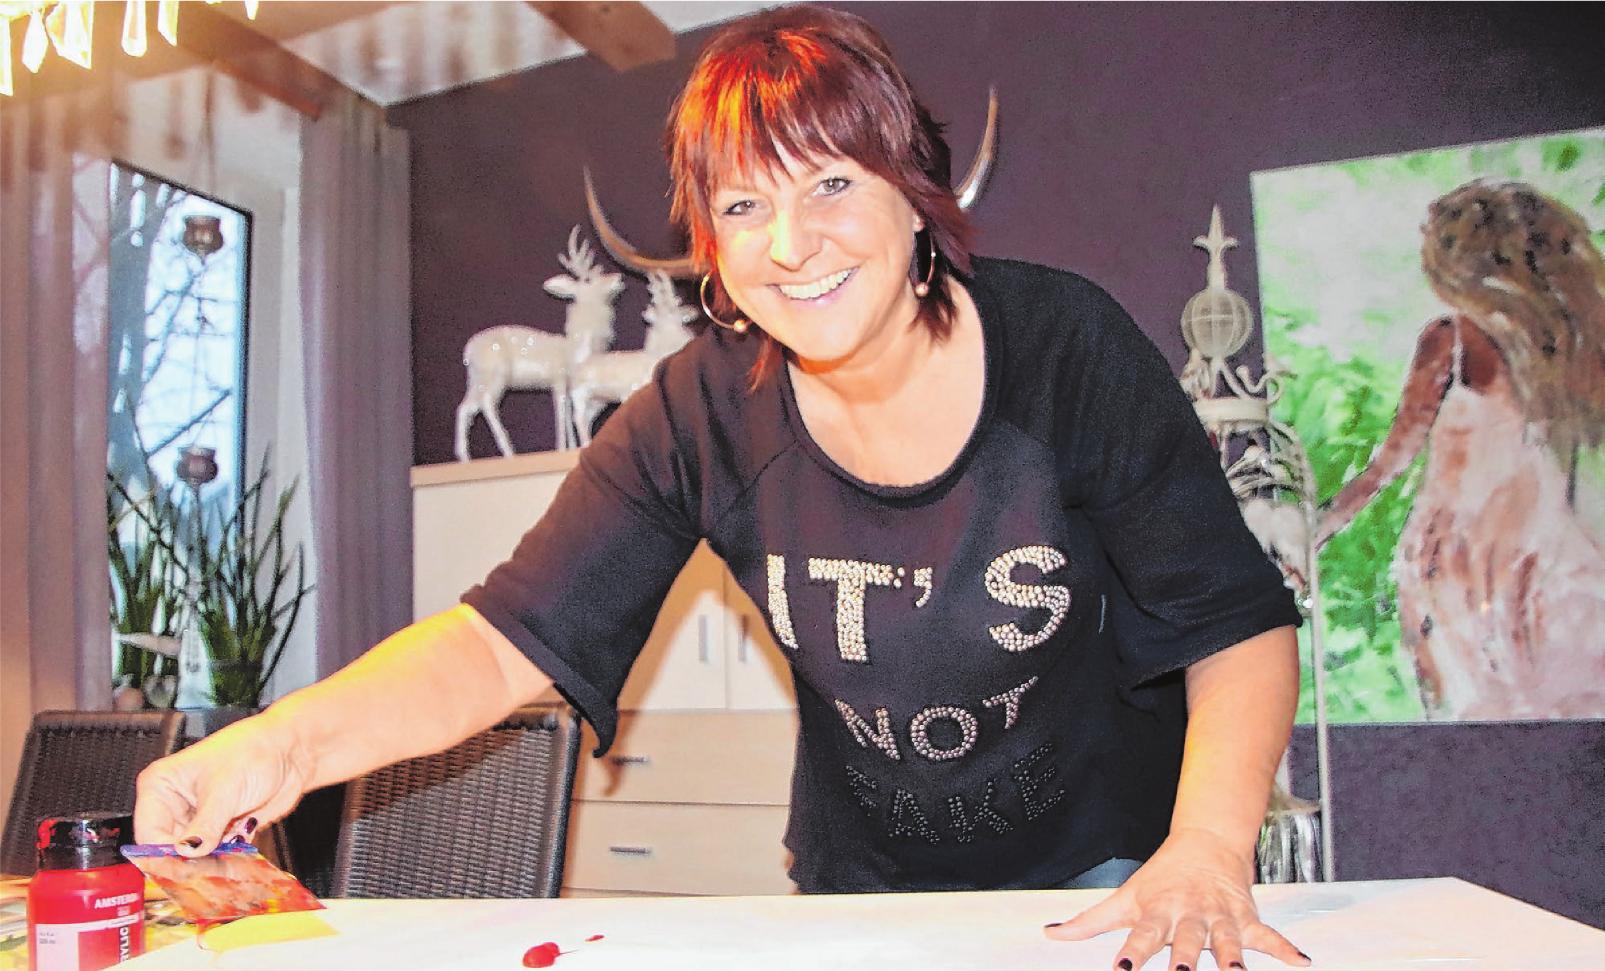 """Andrea Otterbach bezeichnet sich gern als """"Dekoqueen"""". Die Bilder, die sie sich an die Wand hängt, hat sie selbst gemalt. Foto: Ute Bartels"""